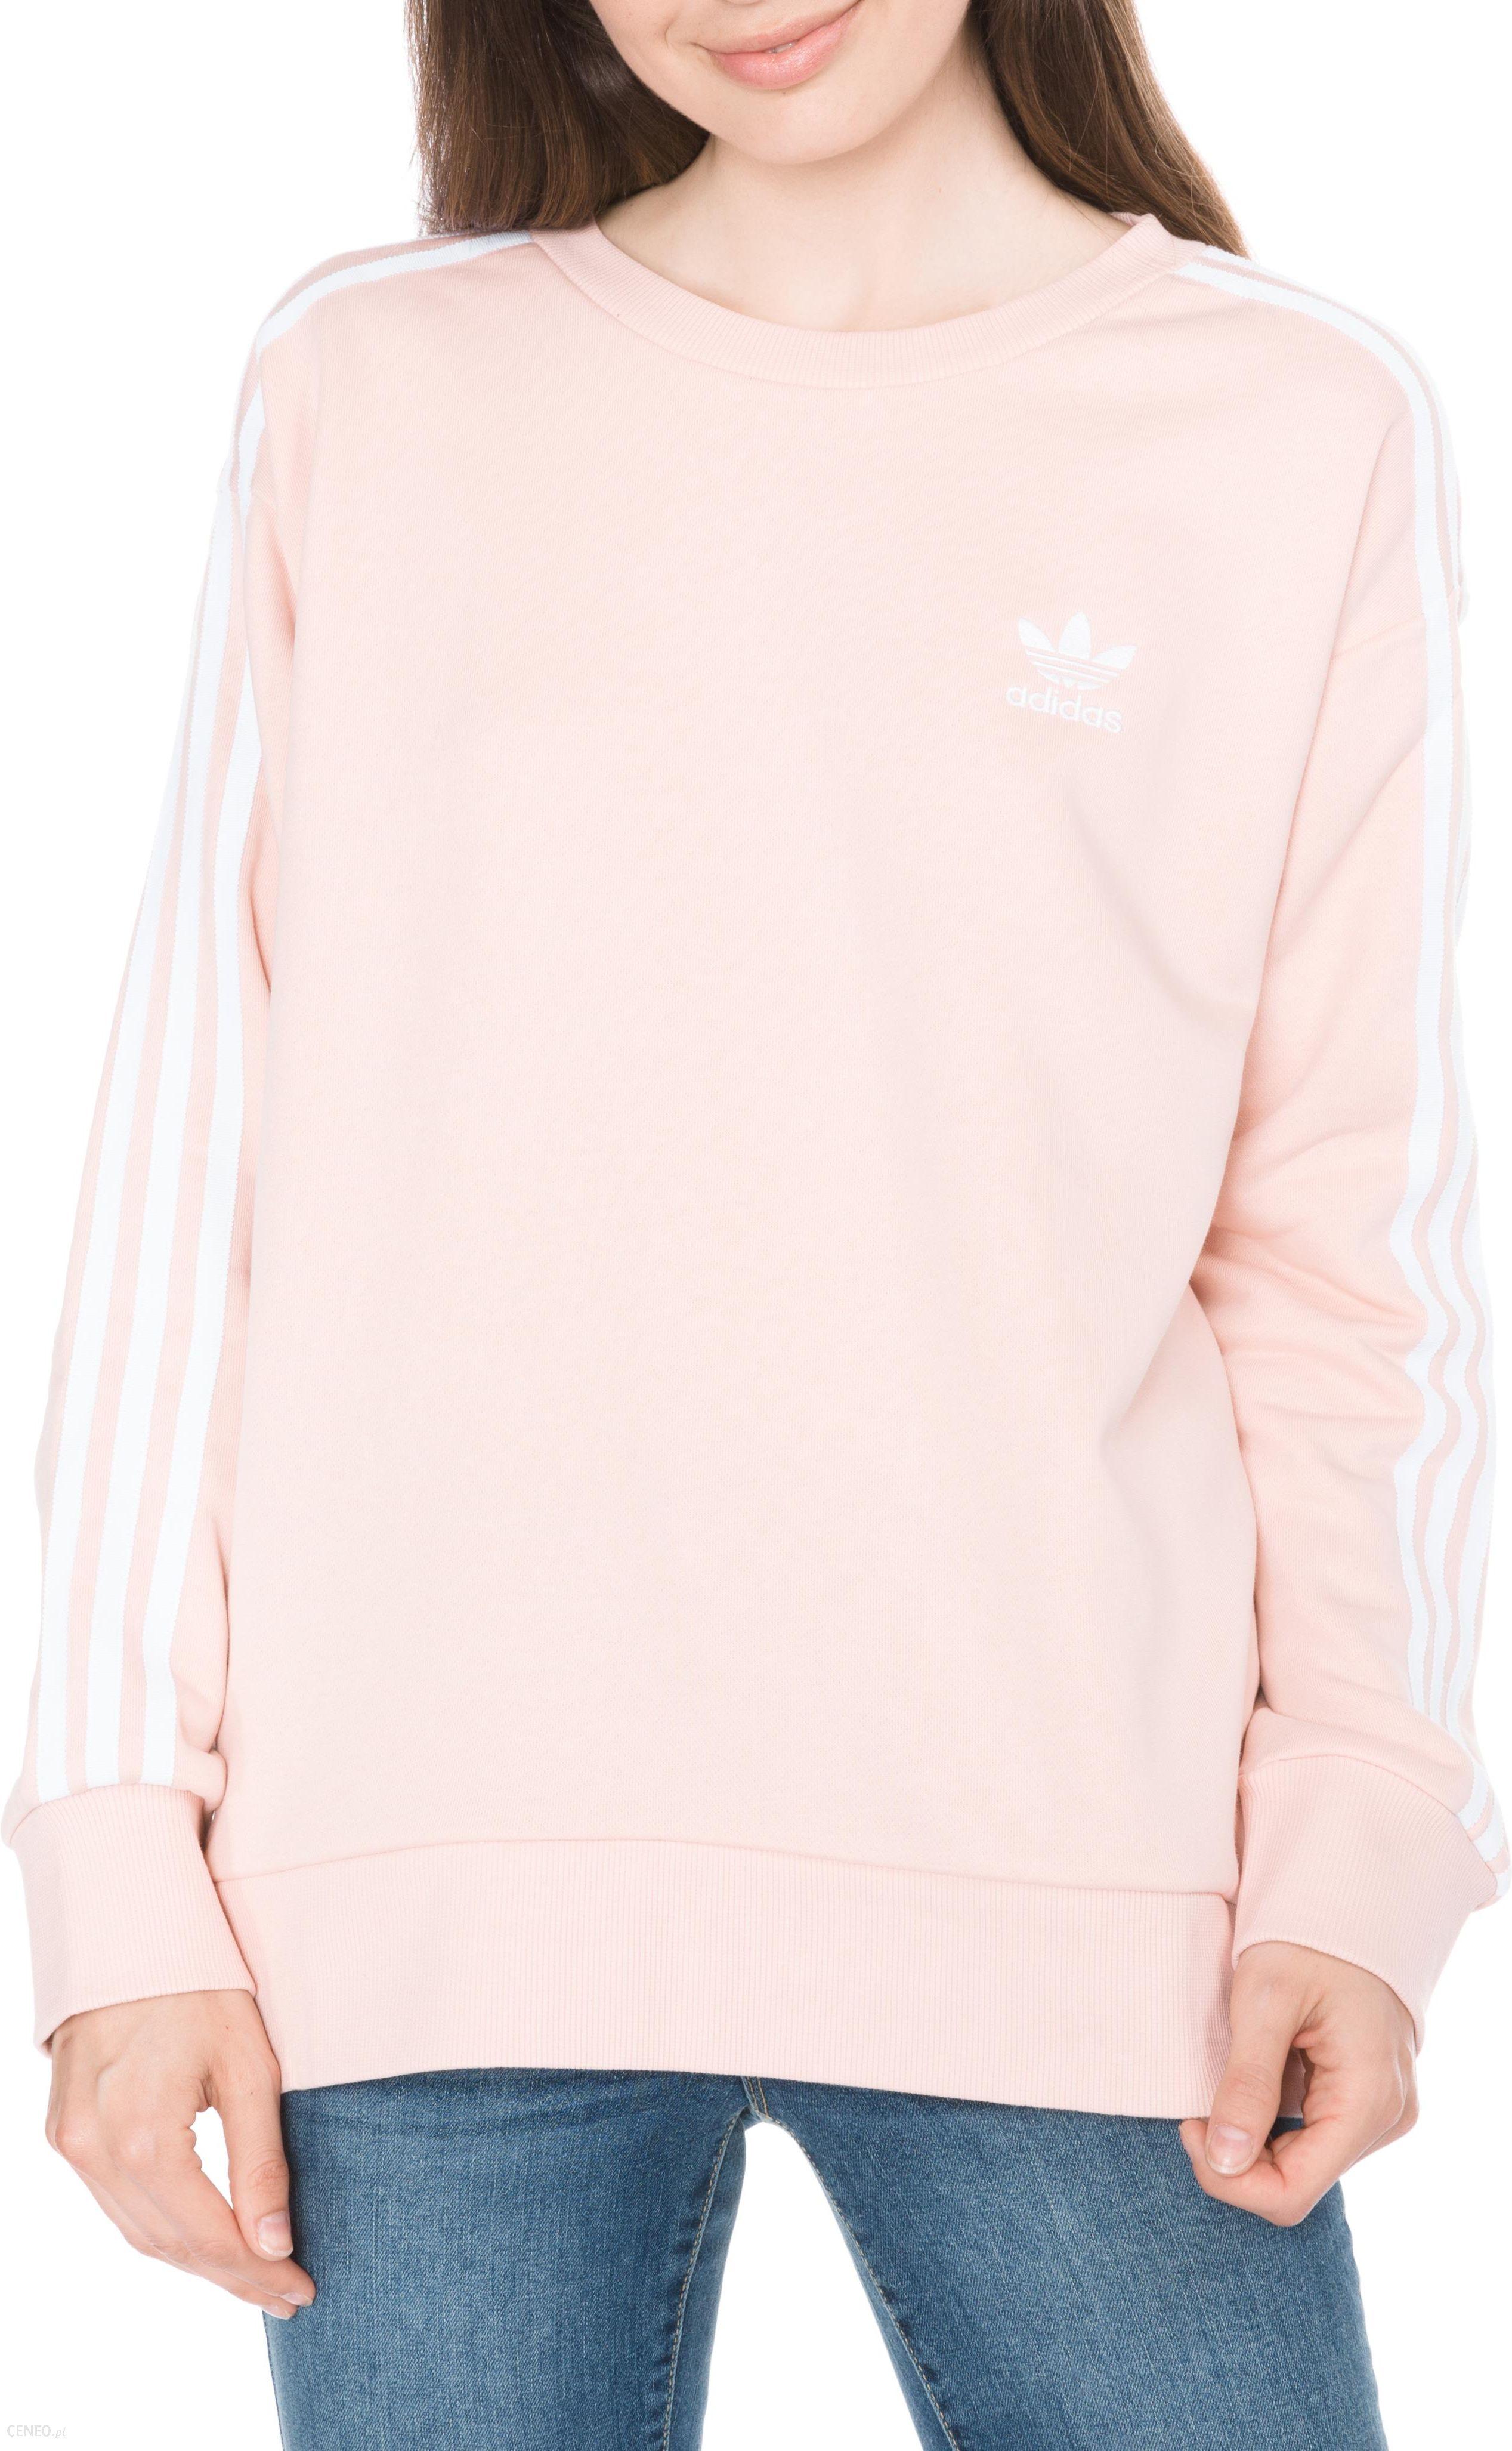 ADIDAS bluza welurowa różowa 36 S